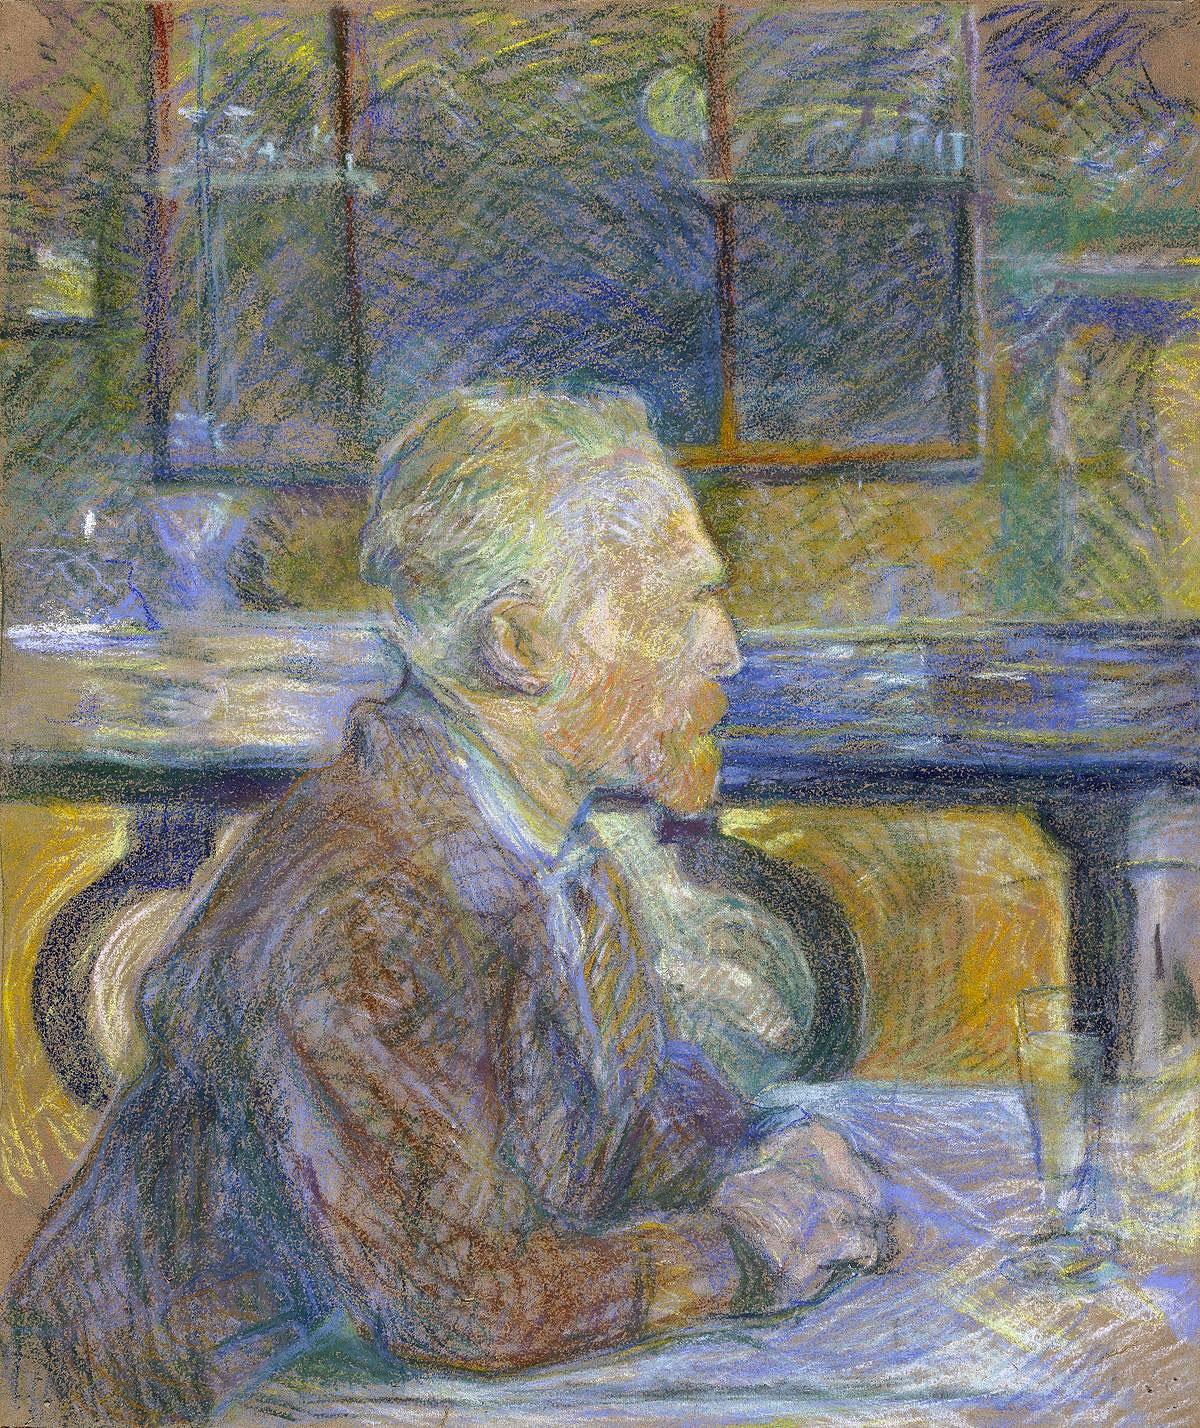 Van Gogh ritratto da Toulouse-Lautrec